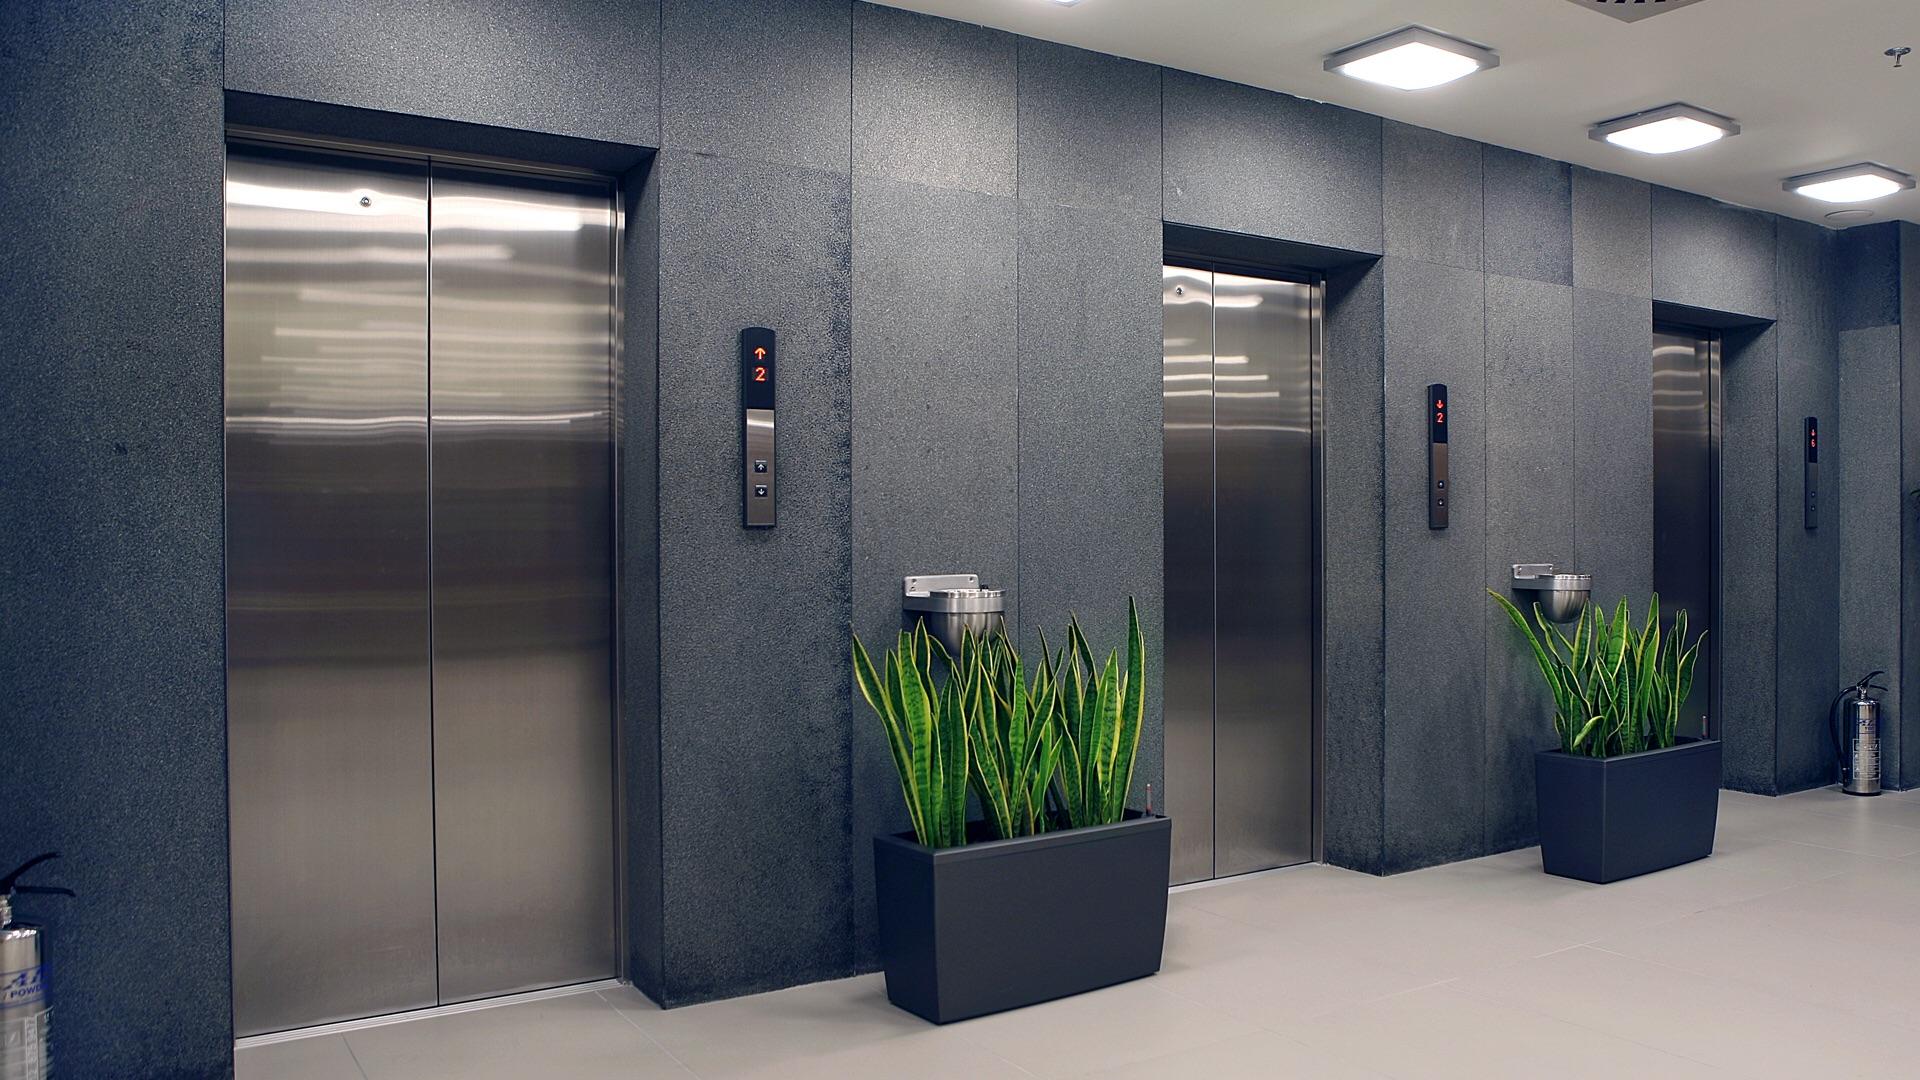 Venda de elevadores no Rio de Janeiro